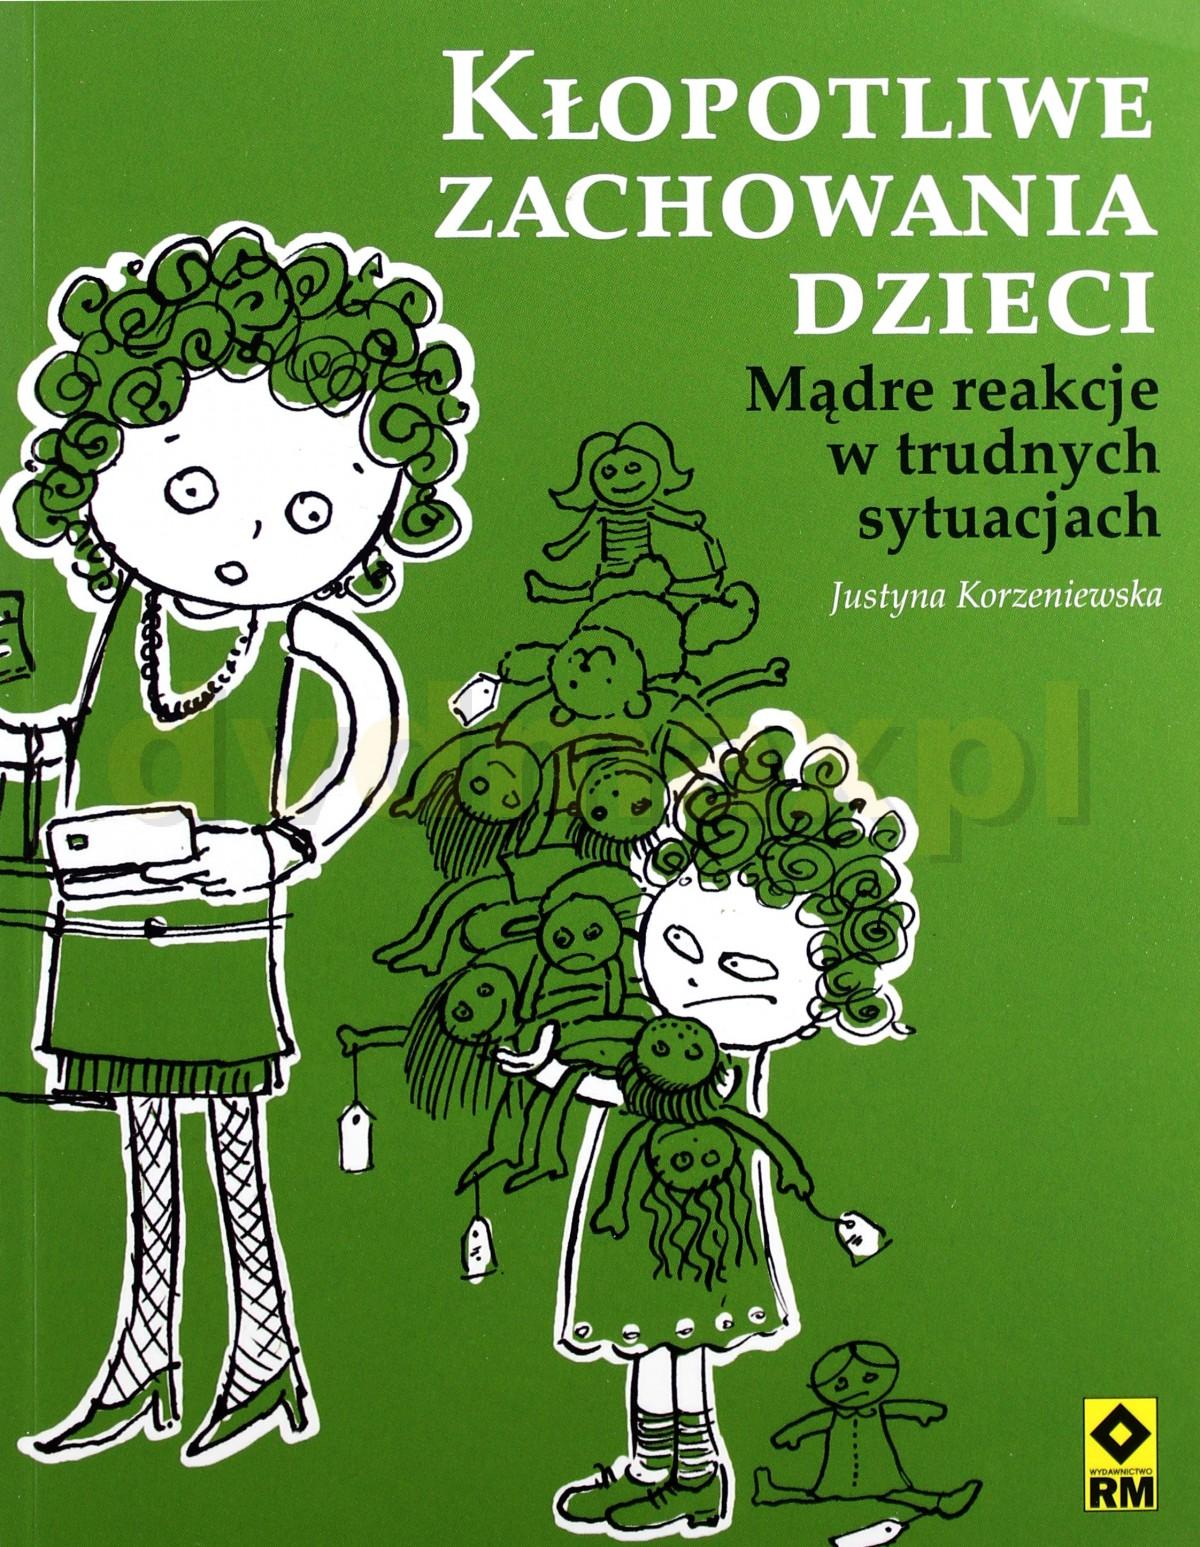 Kłopotliwe zachowania dzieci - Justyna Korzeniewska [KSIĄŻKA] - Justyna Korzeniewska